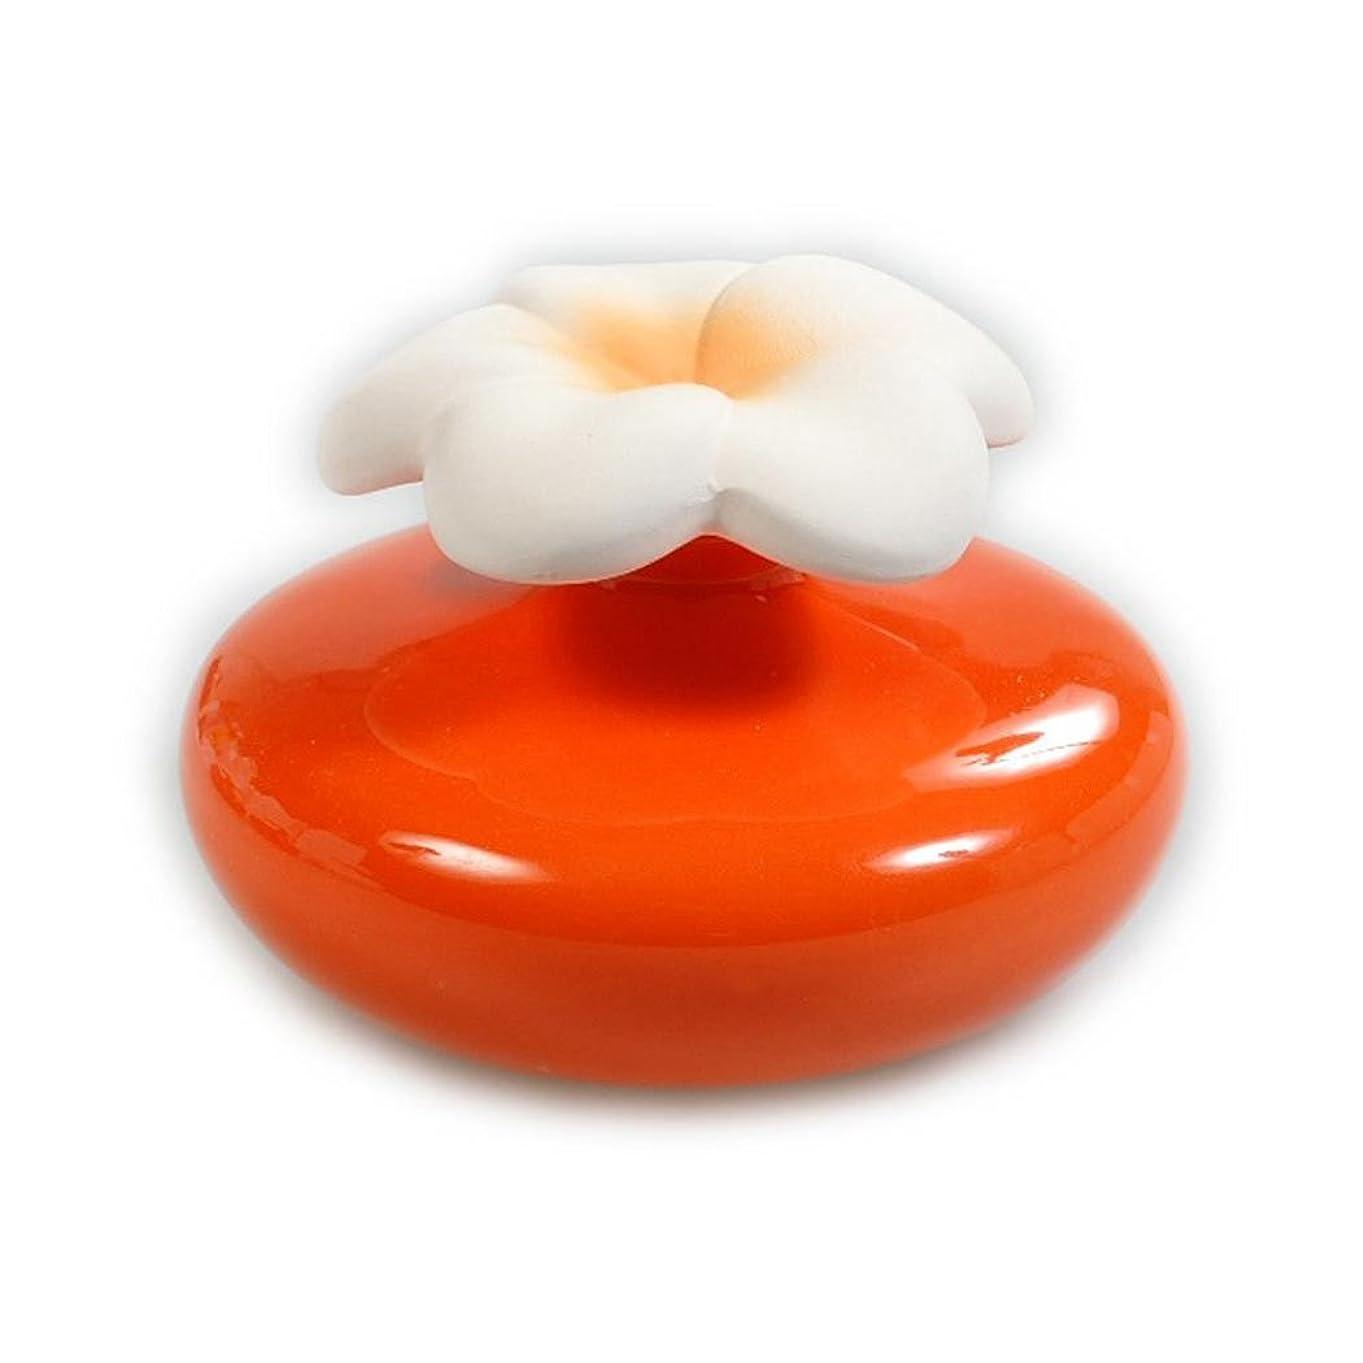 非互換起訴するしわMillefiori FIORE ルームフレグランス用 花の形のセラミックディフューザー Mサイズ オレンジ LDIF-FM-004